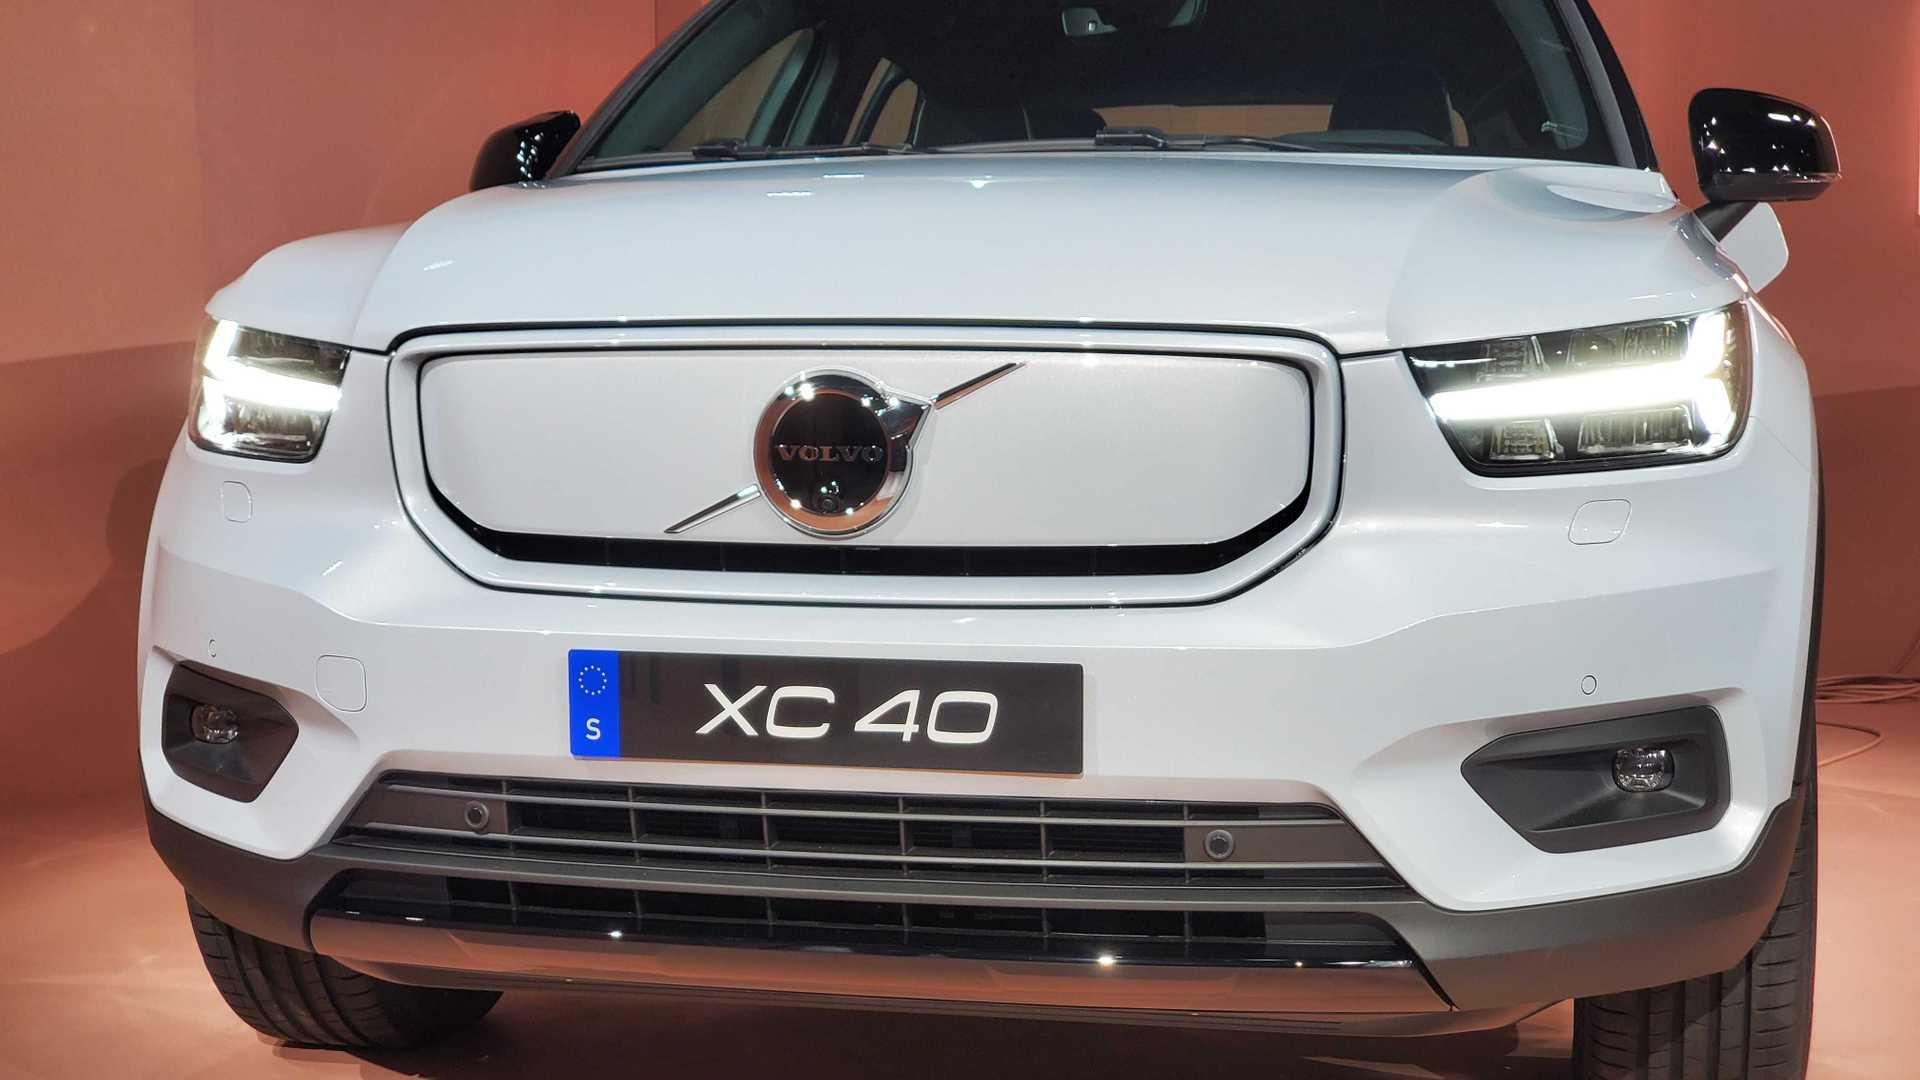 XC40 Volvo ريتشارج الكهربائية 2020 1571476341833.jpg